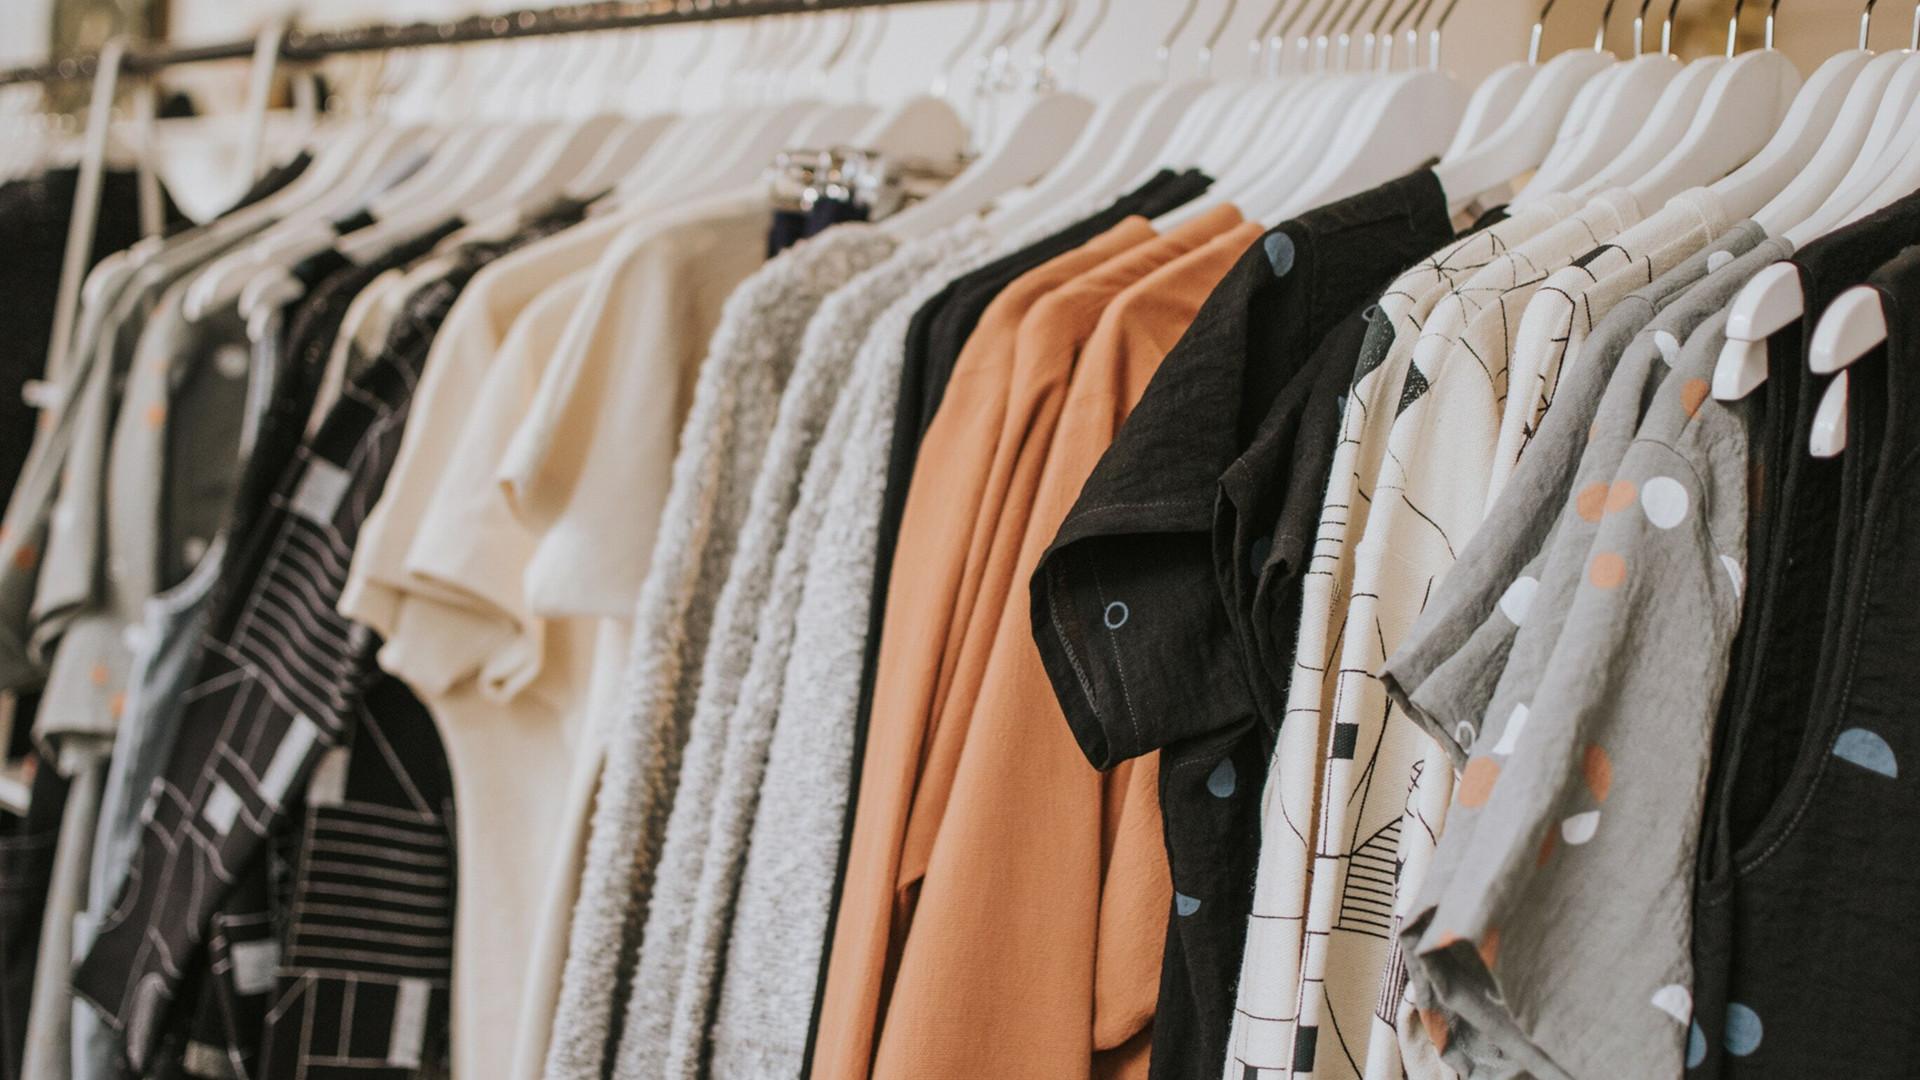 1c2f34231 Nepredané oblečenie už nebudú likvidovať. Francúzsko prišlo s ekologickou  reformou